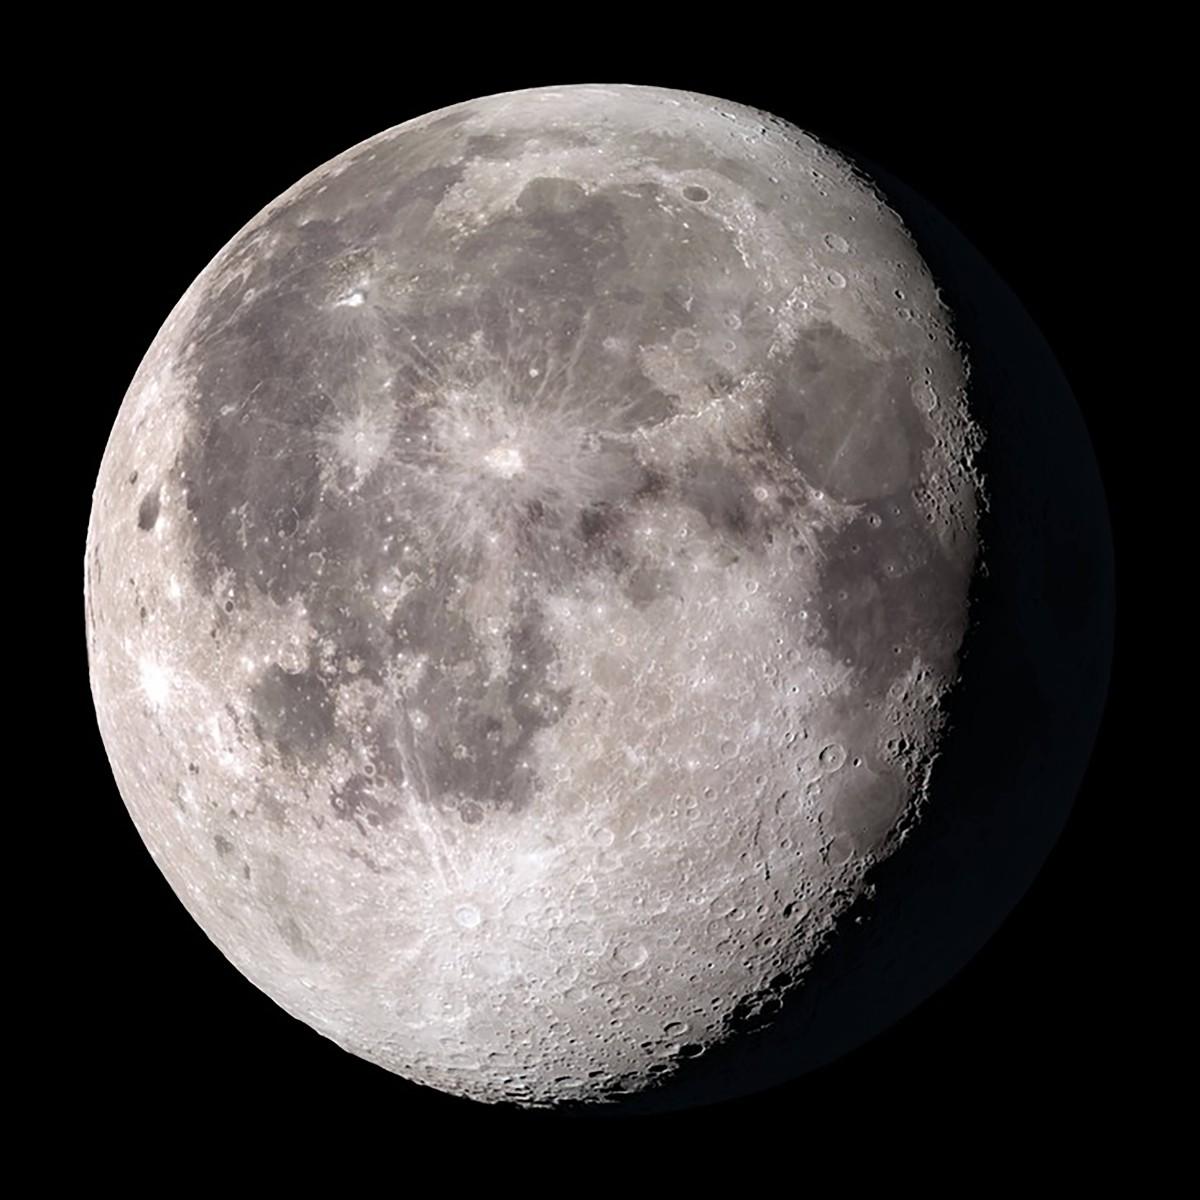 tetrad moons 2017 2017 - photo #28